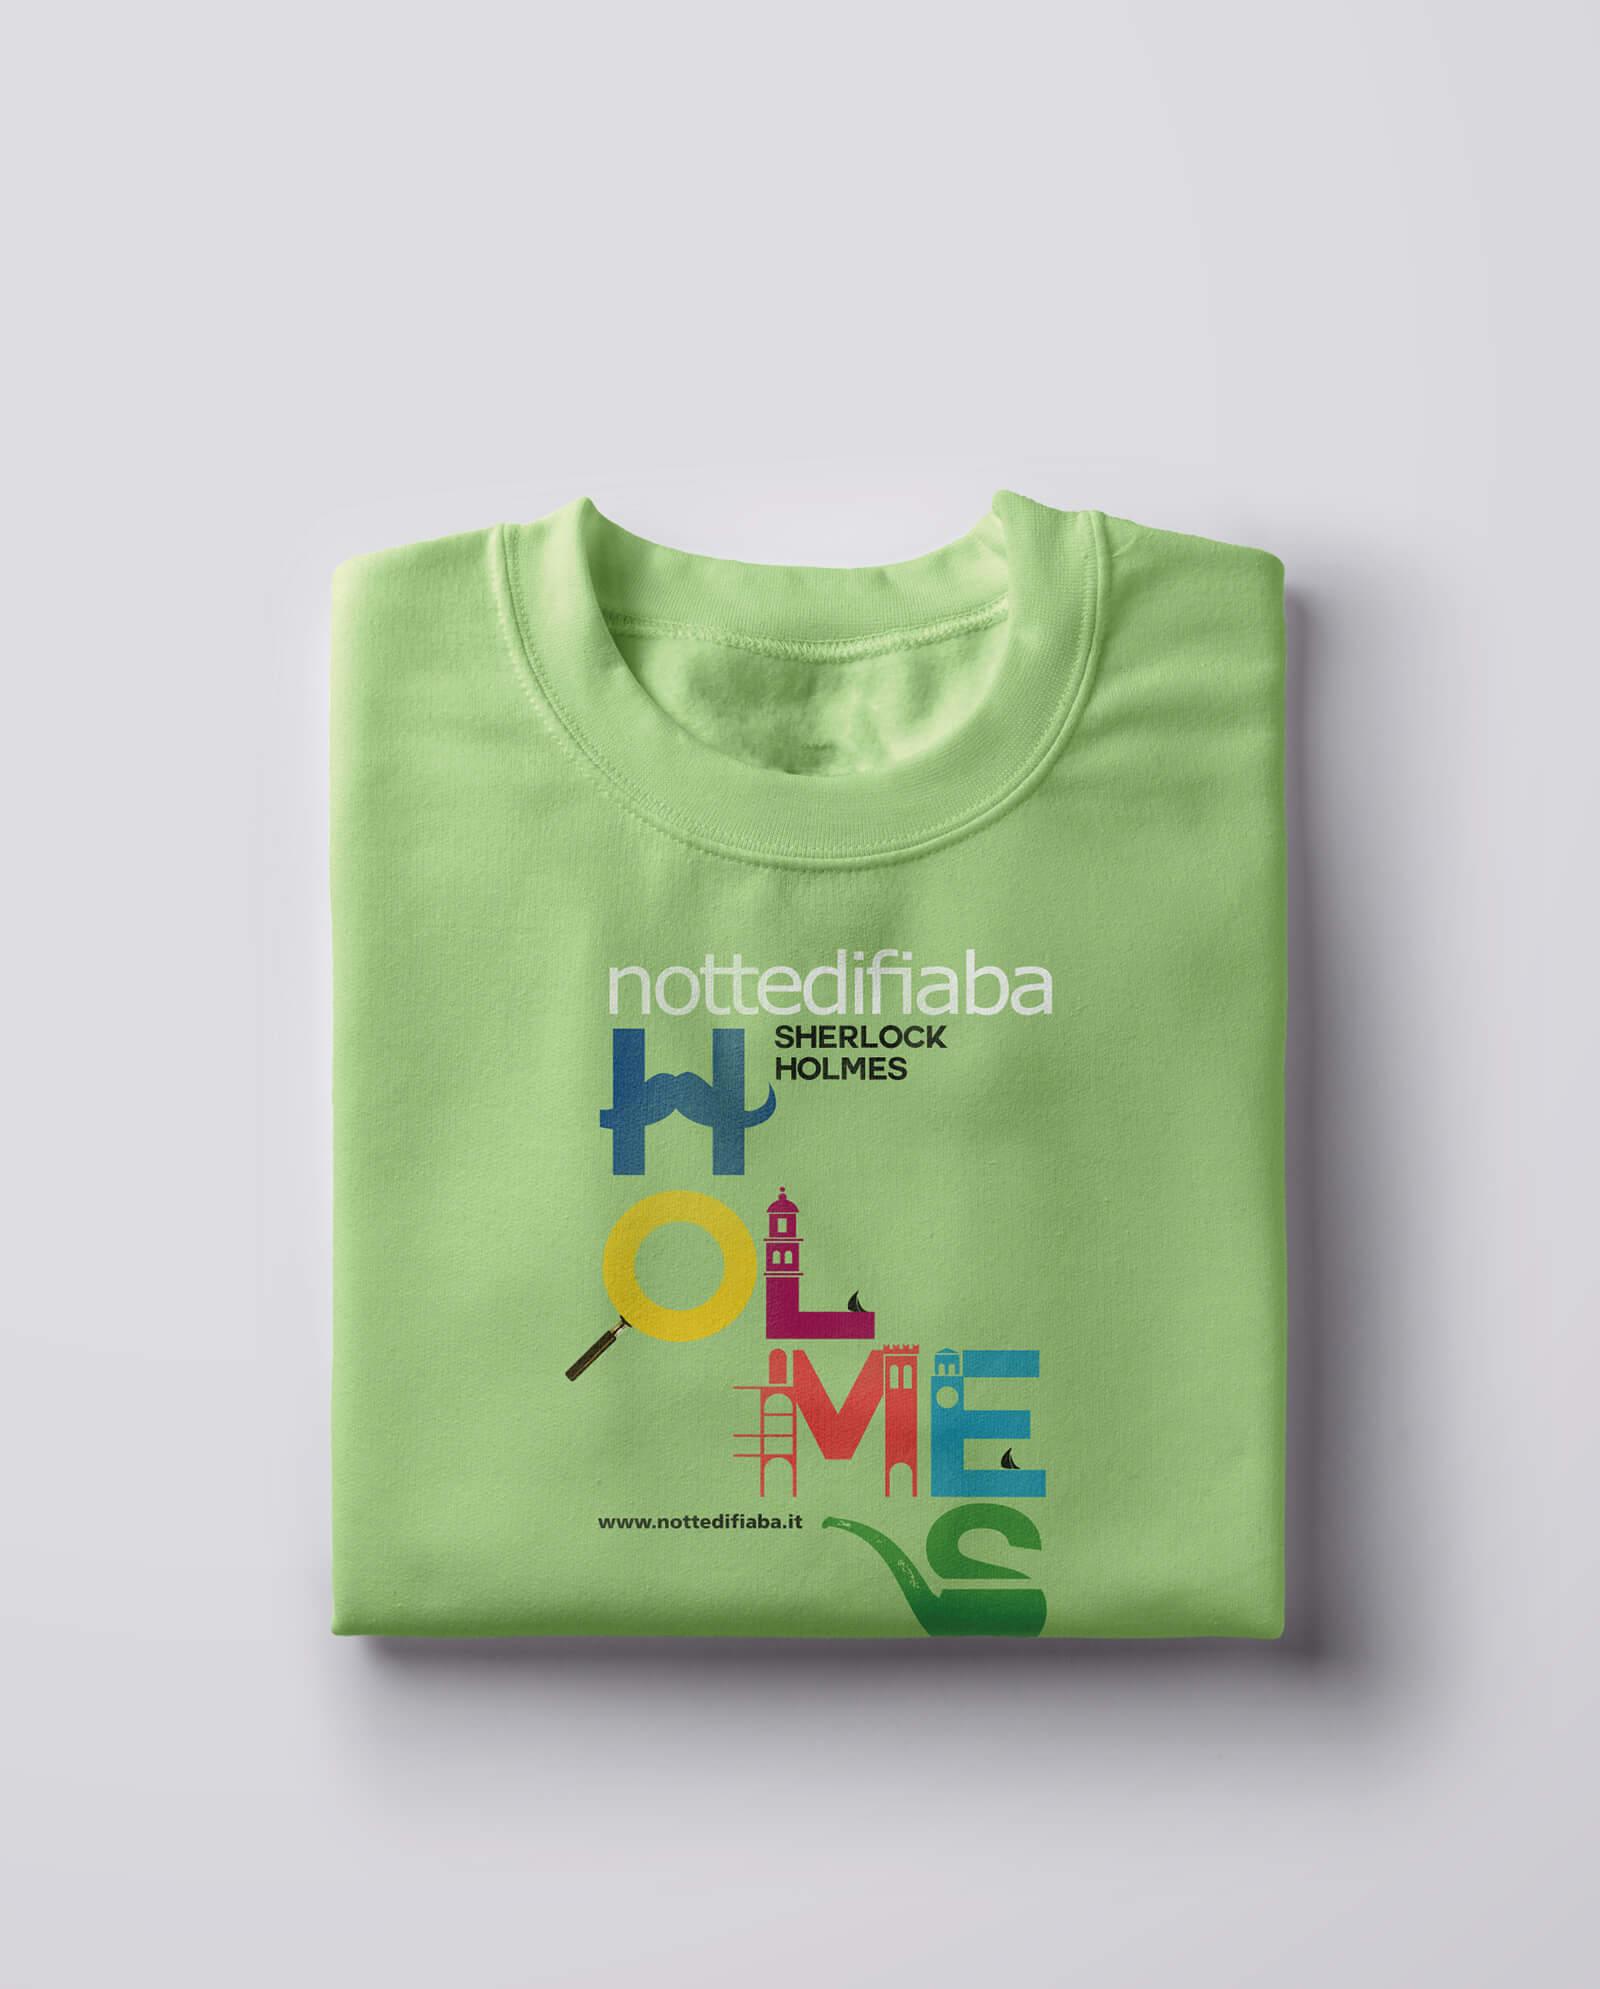 tshirt in cotone colorato, illustrate con motivi geometrici, create per notte di fiaba dallo studio grafico diade di arco trento